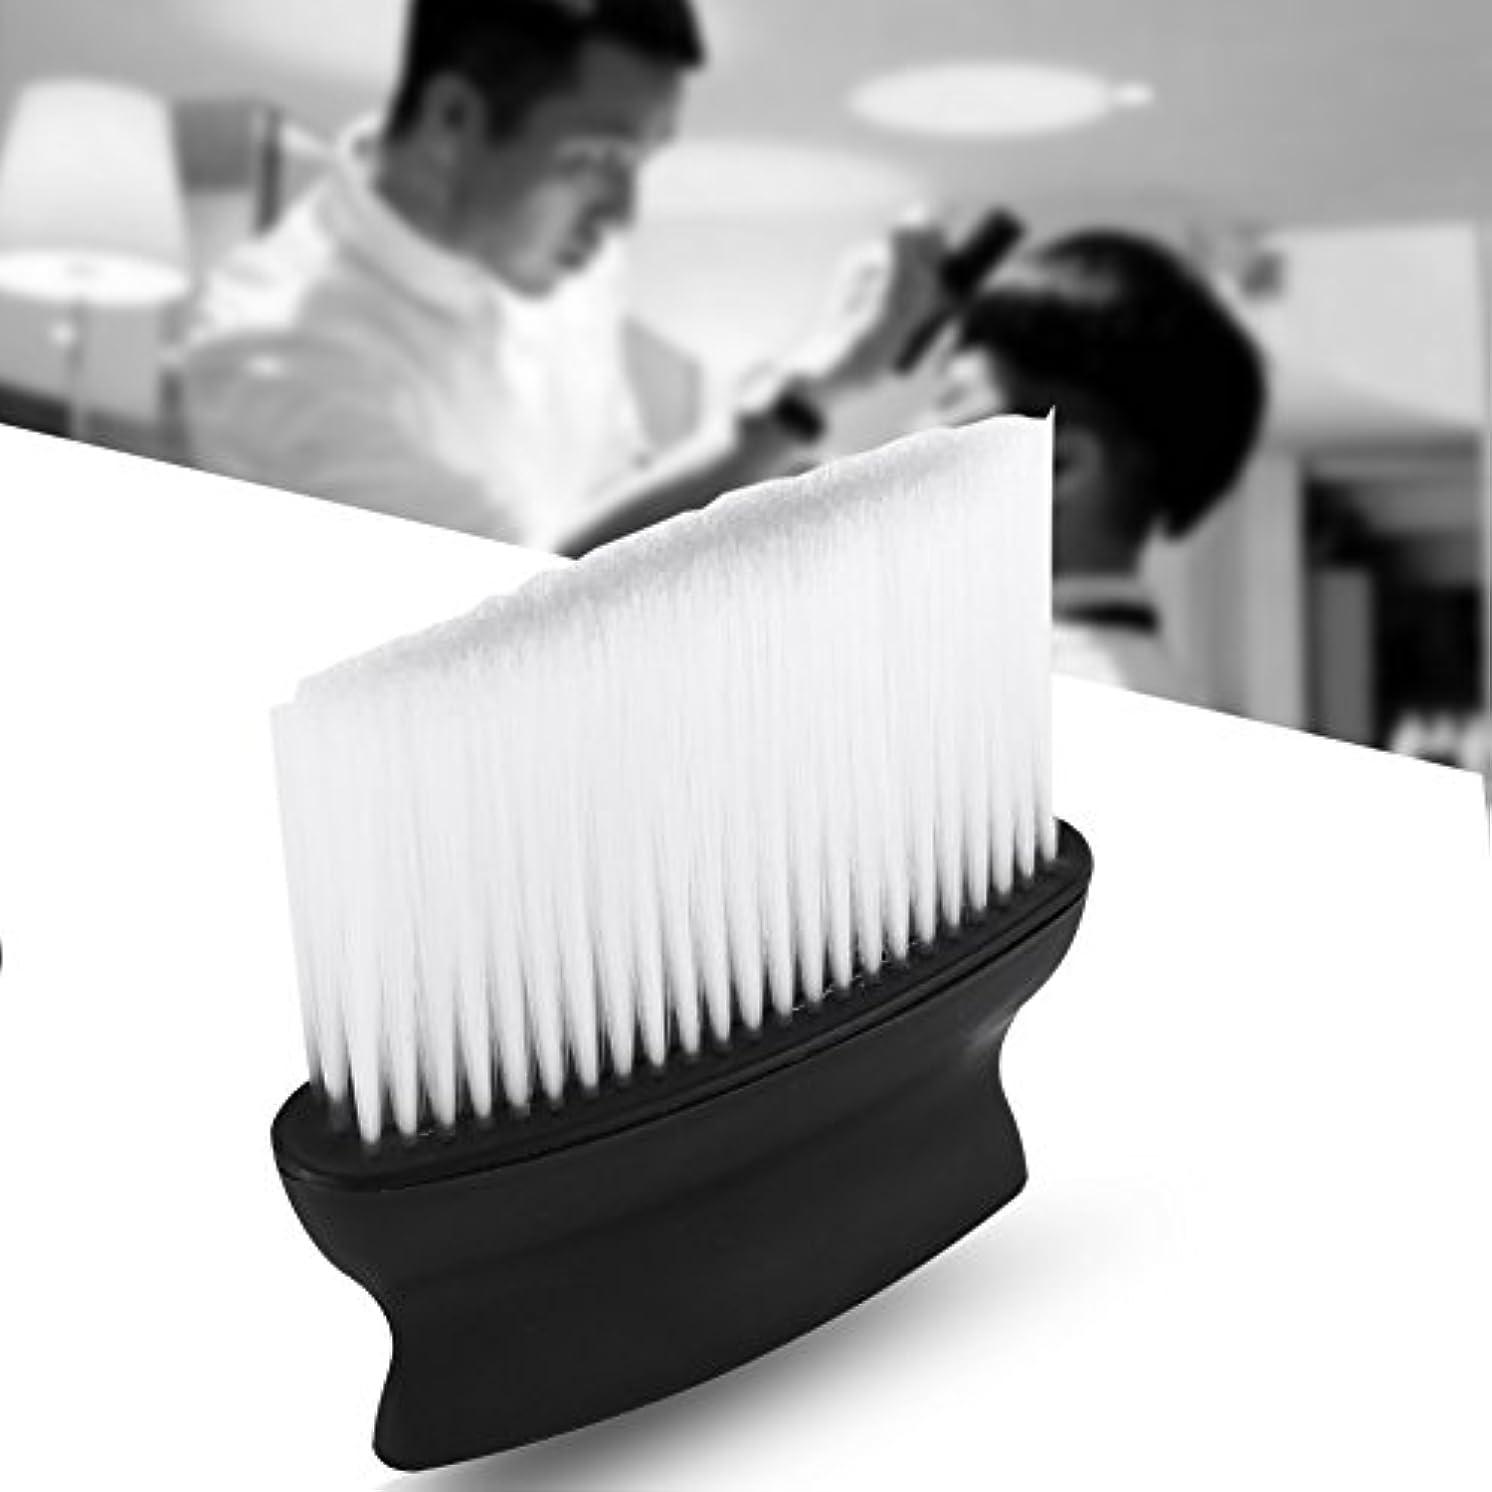 サロンブラシ 髪ブラシ 髪掃除 シェービングブラシ 理髪店 バッガーヘア シェービングブラシ 理髪師ヘアスタイリングスタイリストサロン